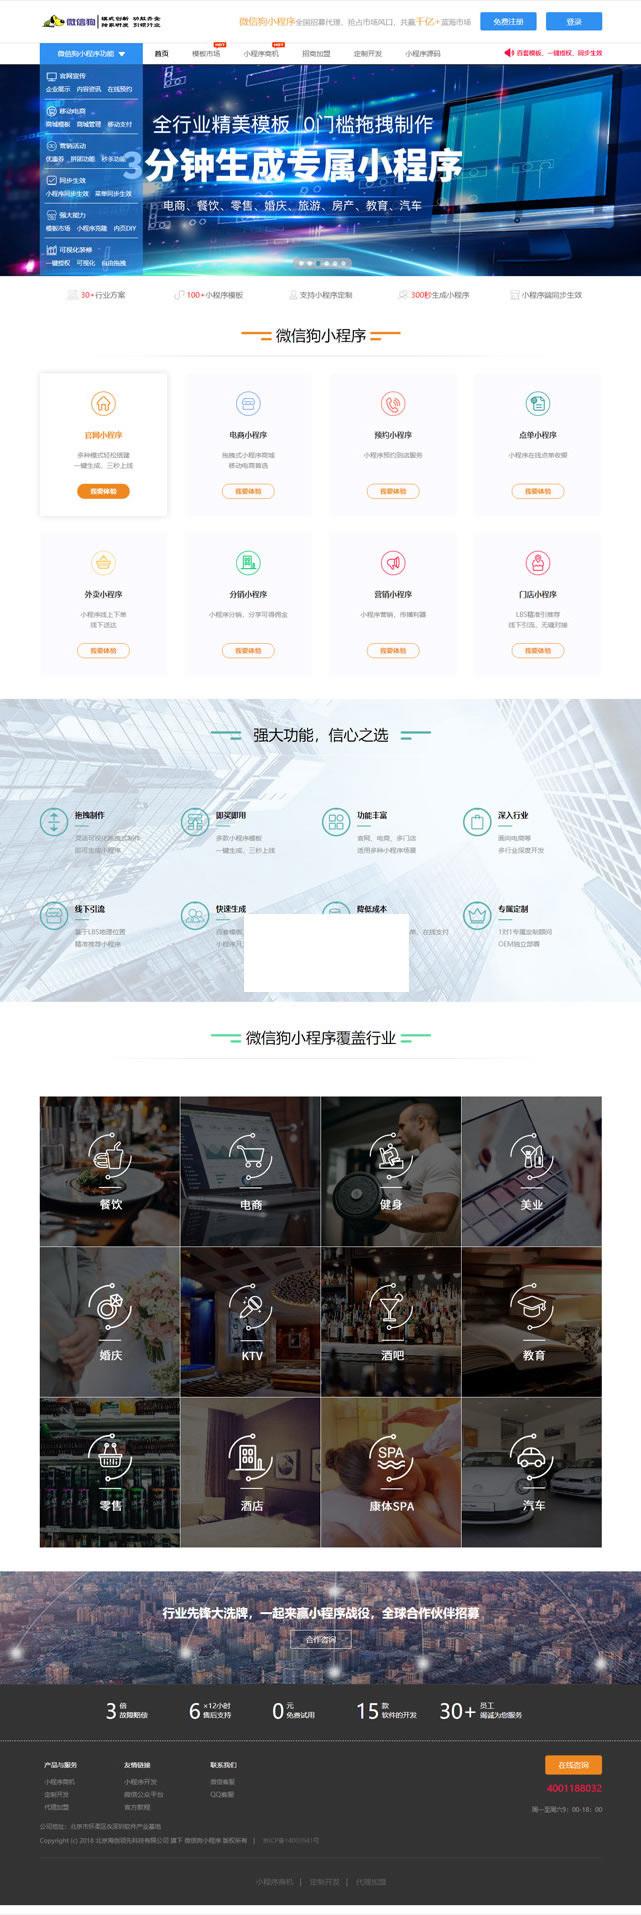 鹤云资源博客-【小程序开发OEM系统】PHP微信狗数据可视化小程序平台网站源码OEM加盟招商版百度小程序数据可视化平插图